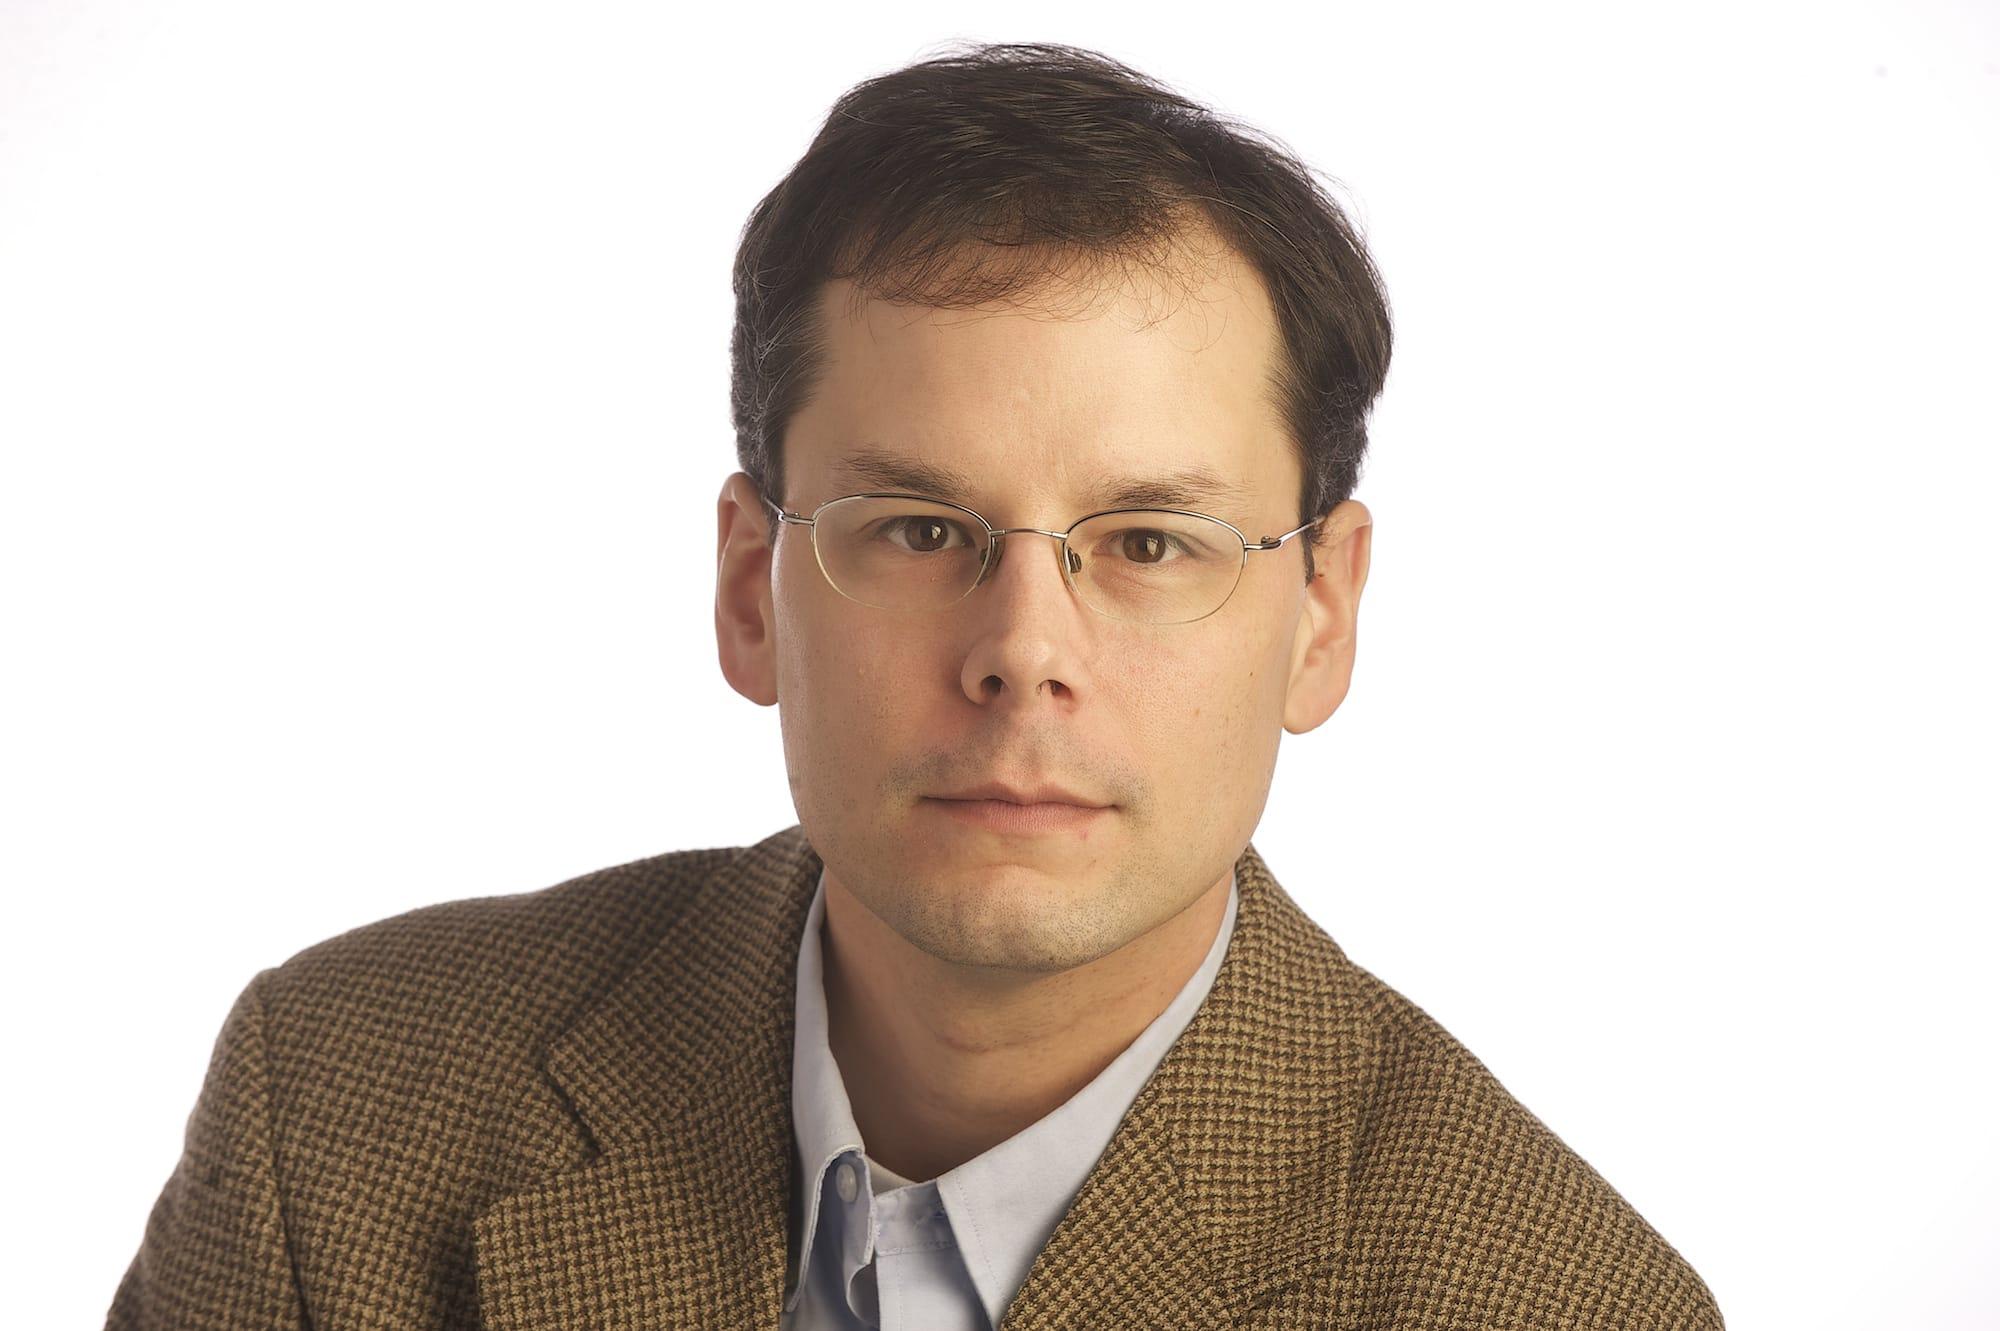 Aaron Corvin